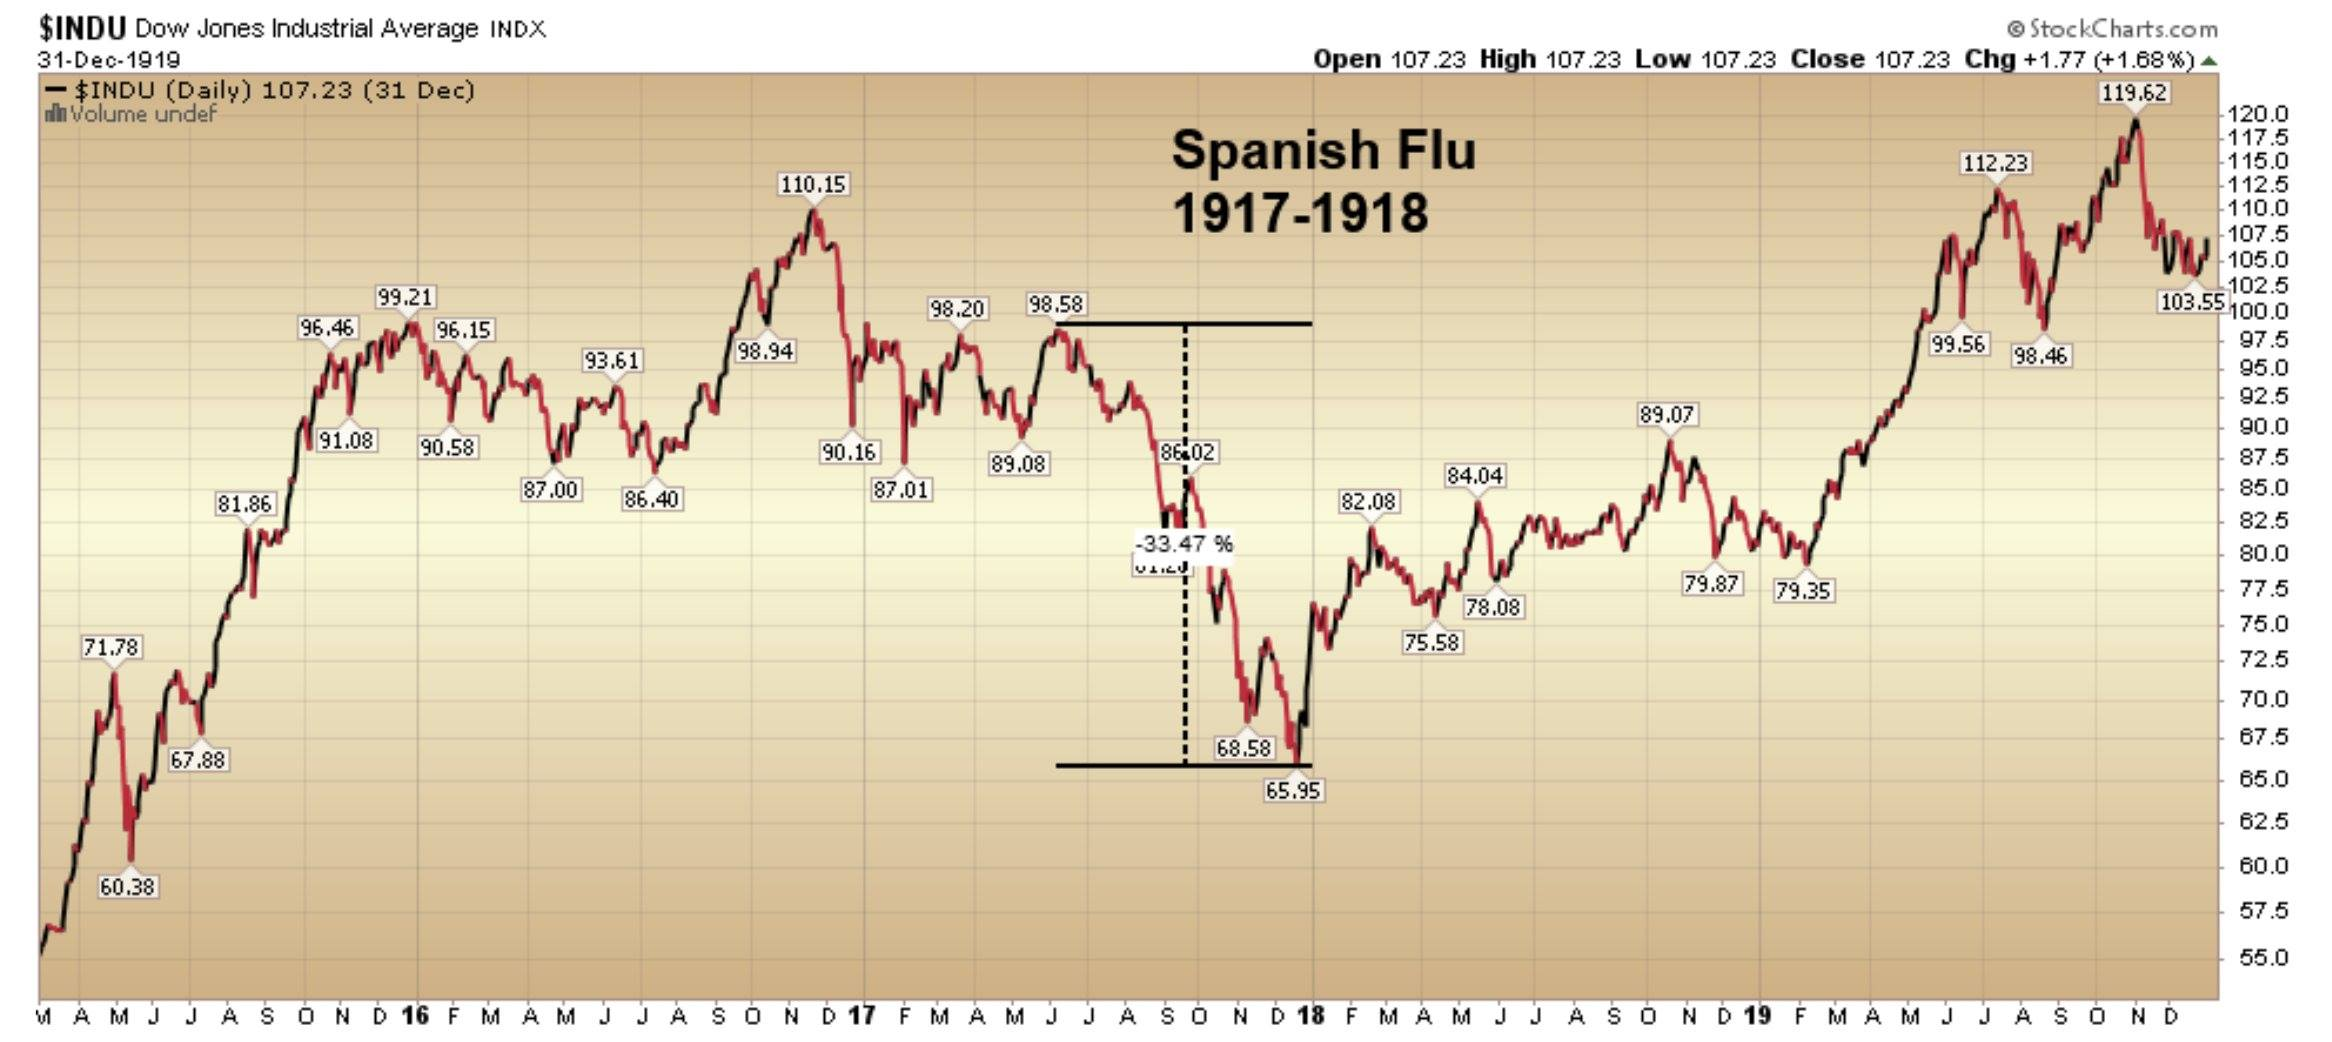 crollo dei mercati - influenza spagnola